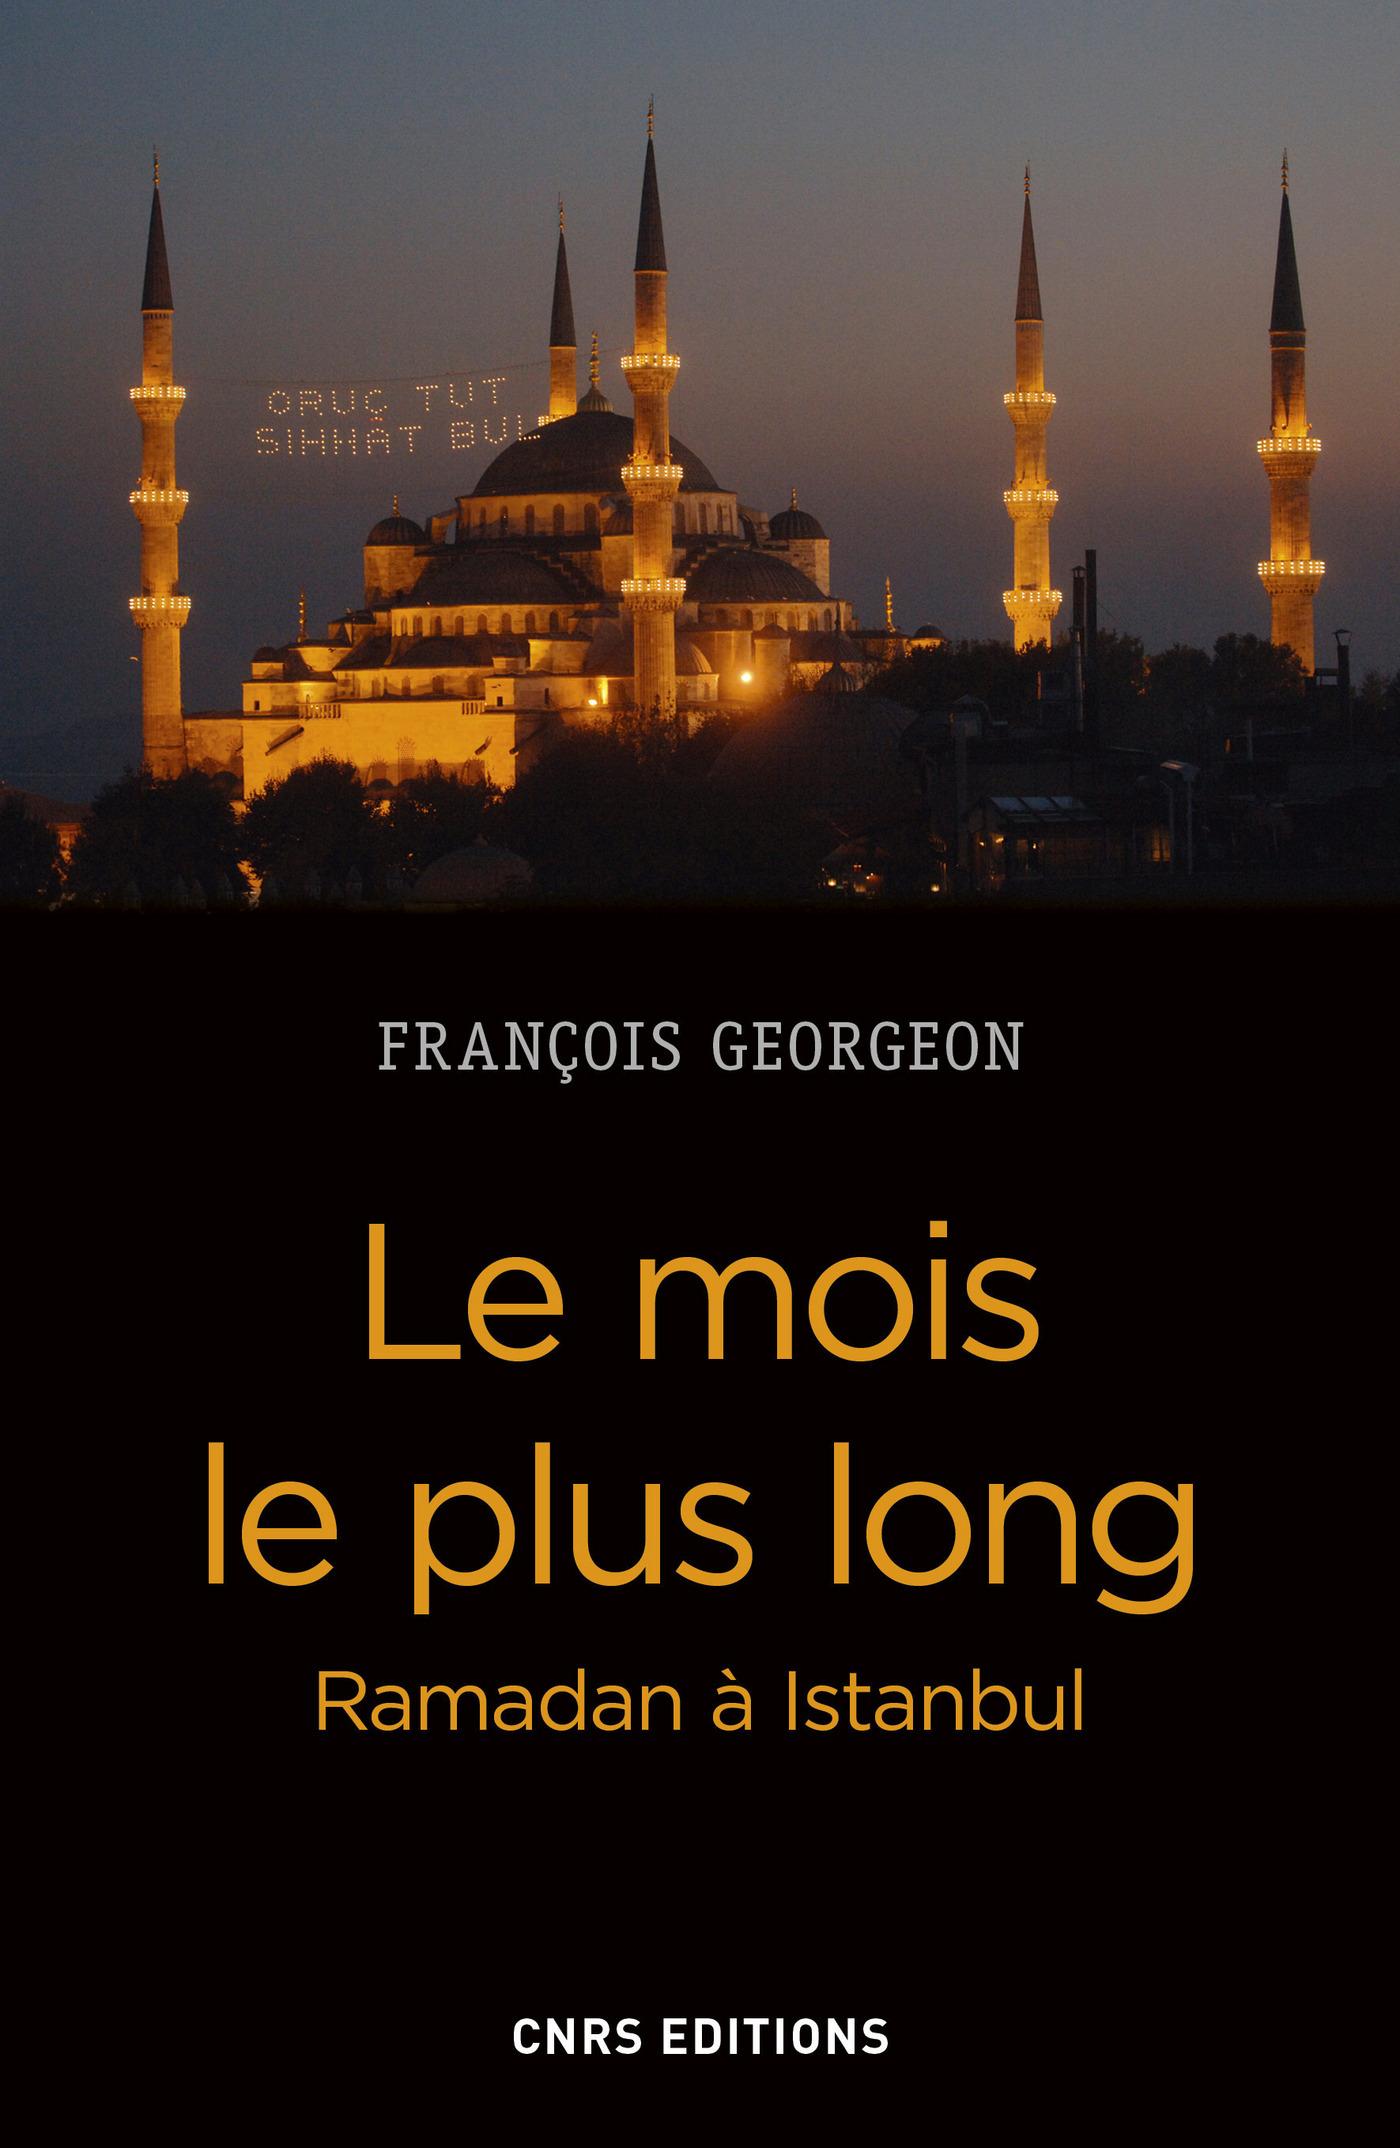 Le mois le plus long - Ramadan à Istanbul